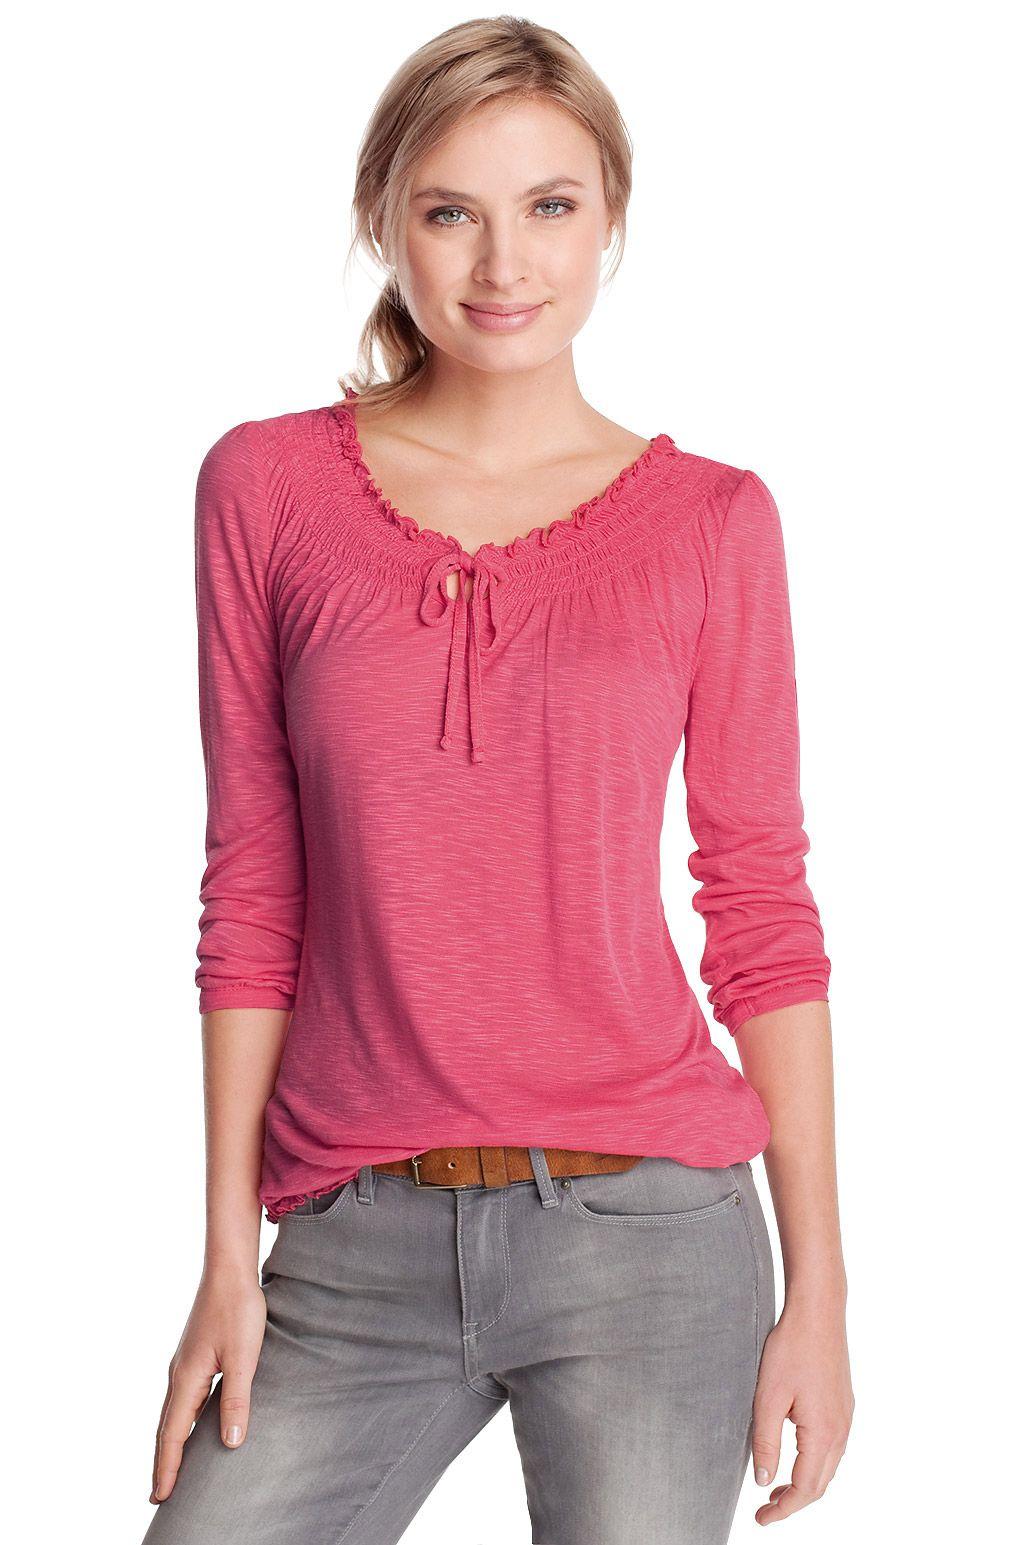 basic kleding online